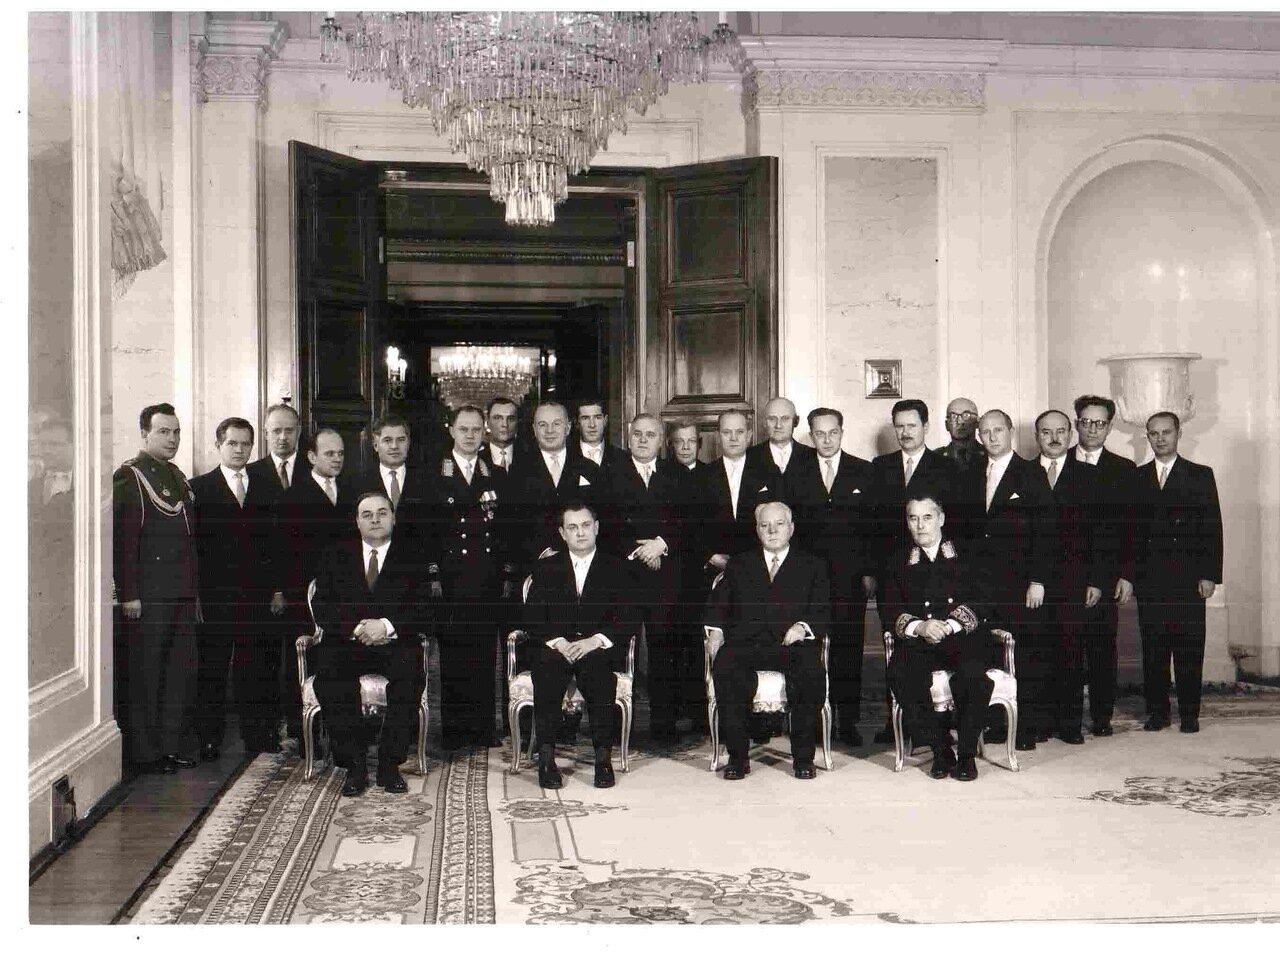 Ворошилов и посол Польской Народной республики во время вручения верительных грамот в Кремле. 2 декабря 1959 г.